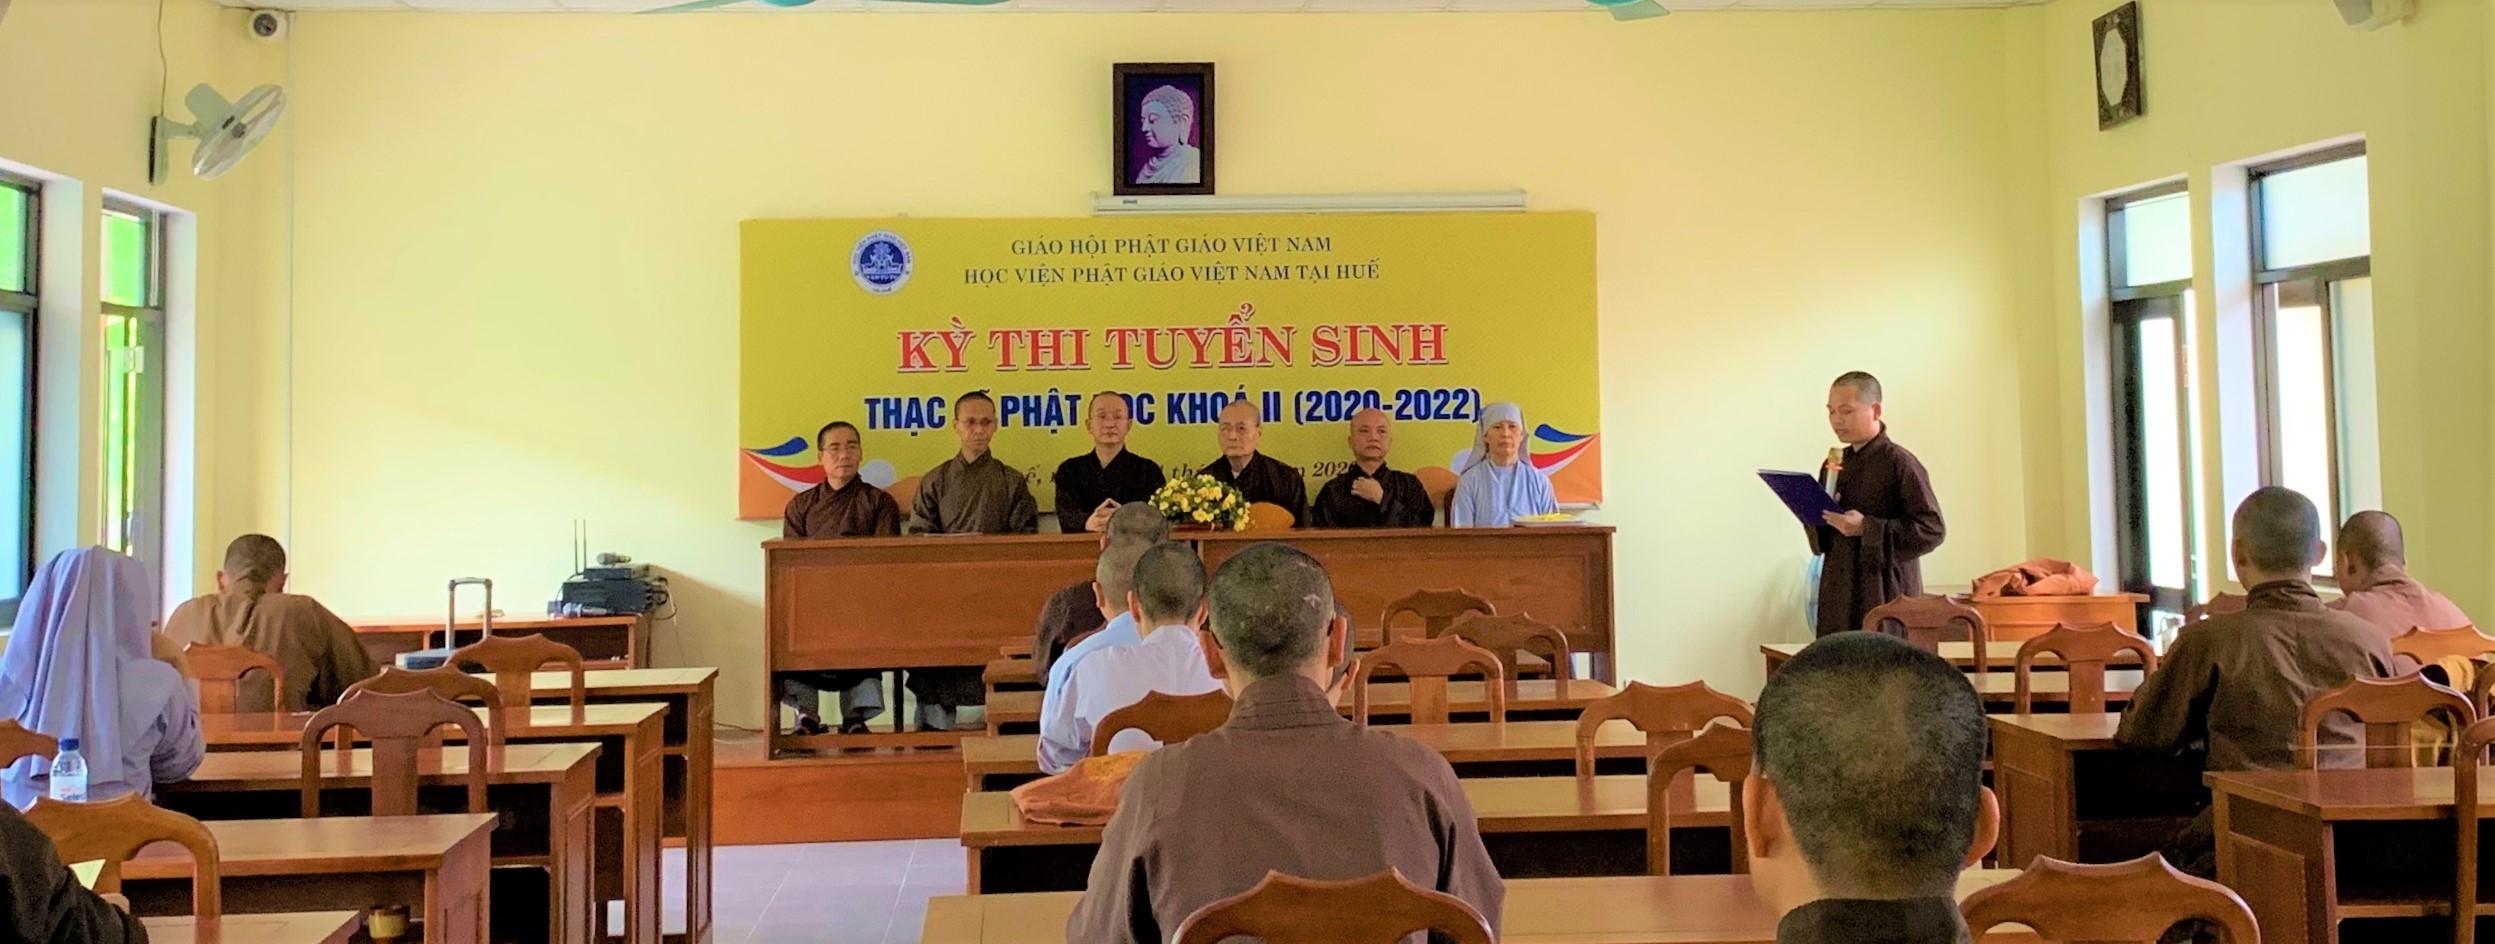 Học viện PGVN tại Huế tổ chức thi tuyển sinh Thạc sĩ Phật học khoá II